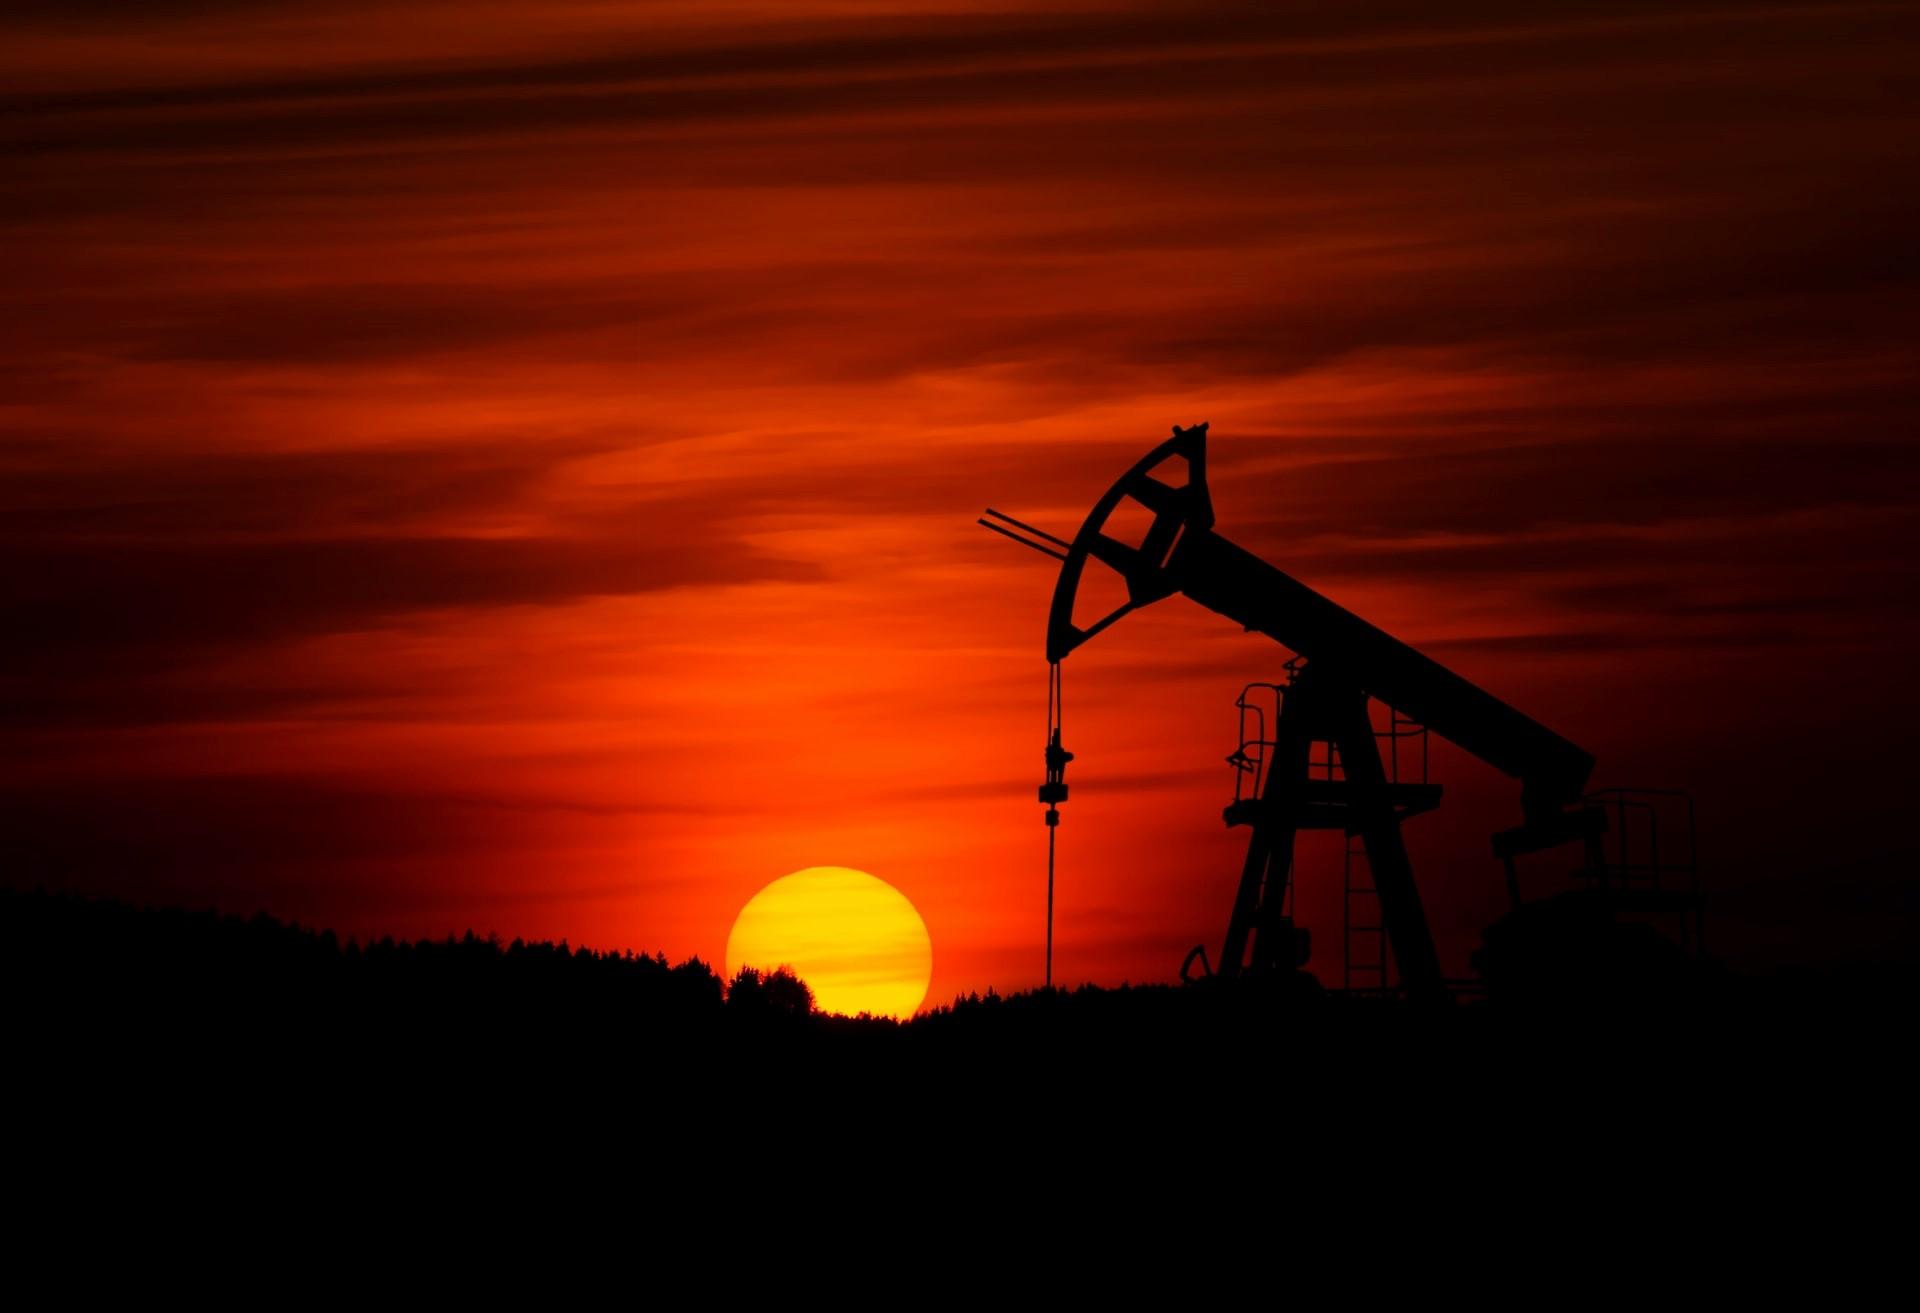 Den börshandlade fonden iShares Oil & Gas Exploration & Production UCITS ETF (IS0D ETF), är en passivt förvaltad fond som investerar efter S&P Commodity Producers Oil and Gas Exploration & Production Index.